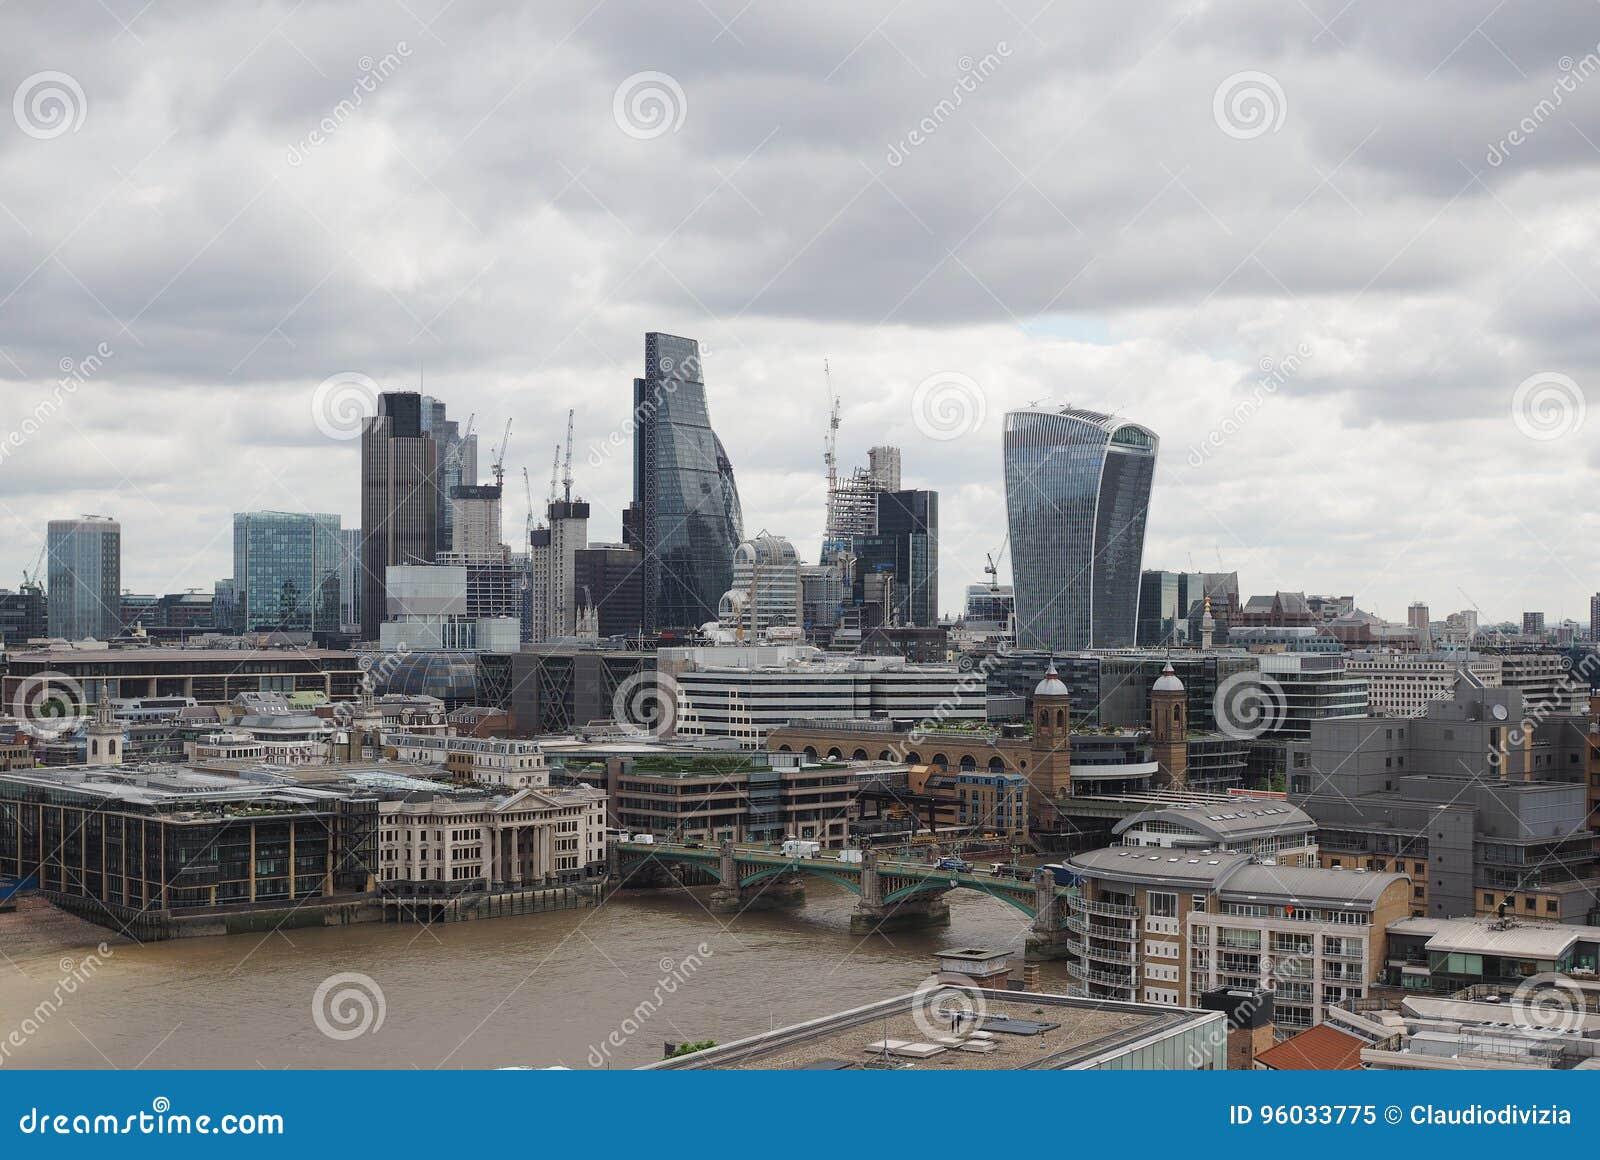 Linia horyzontu miasta Londynu